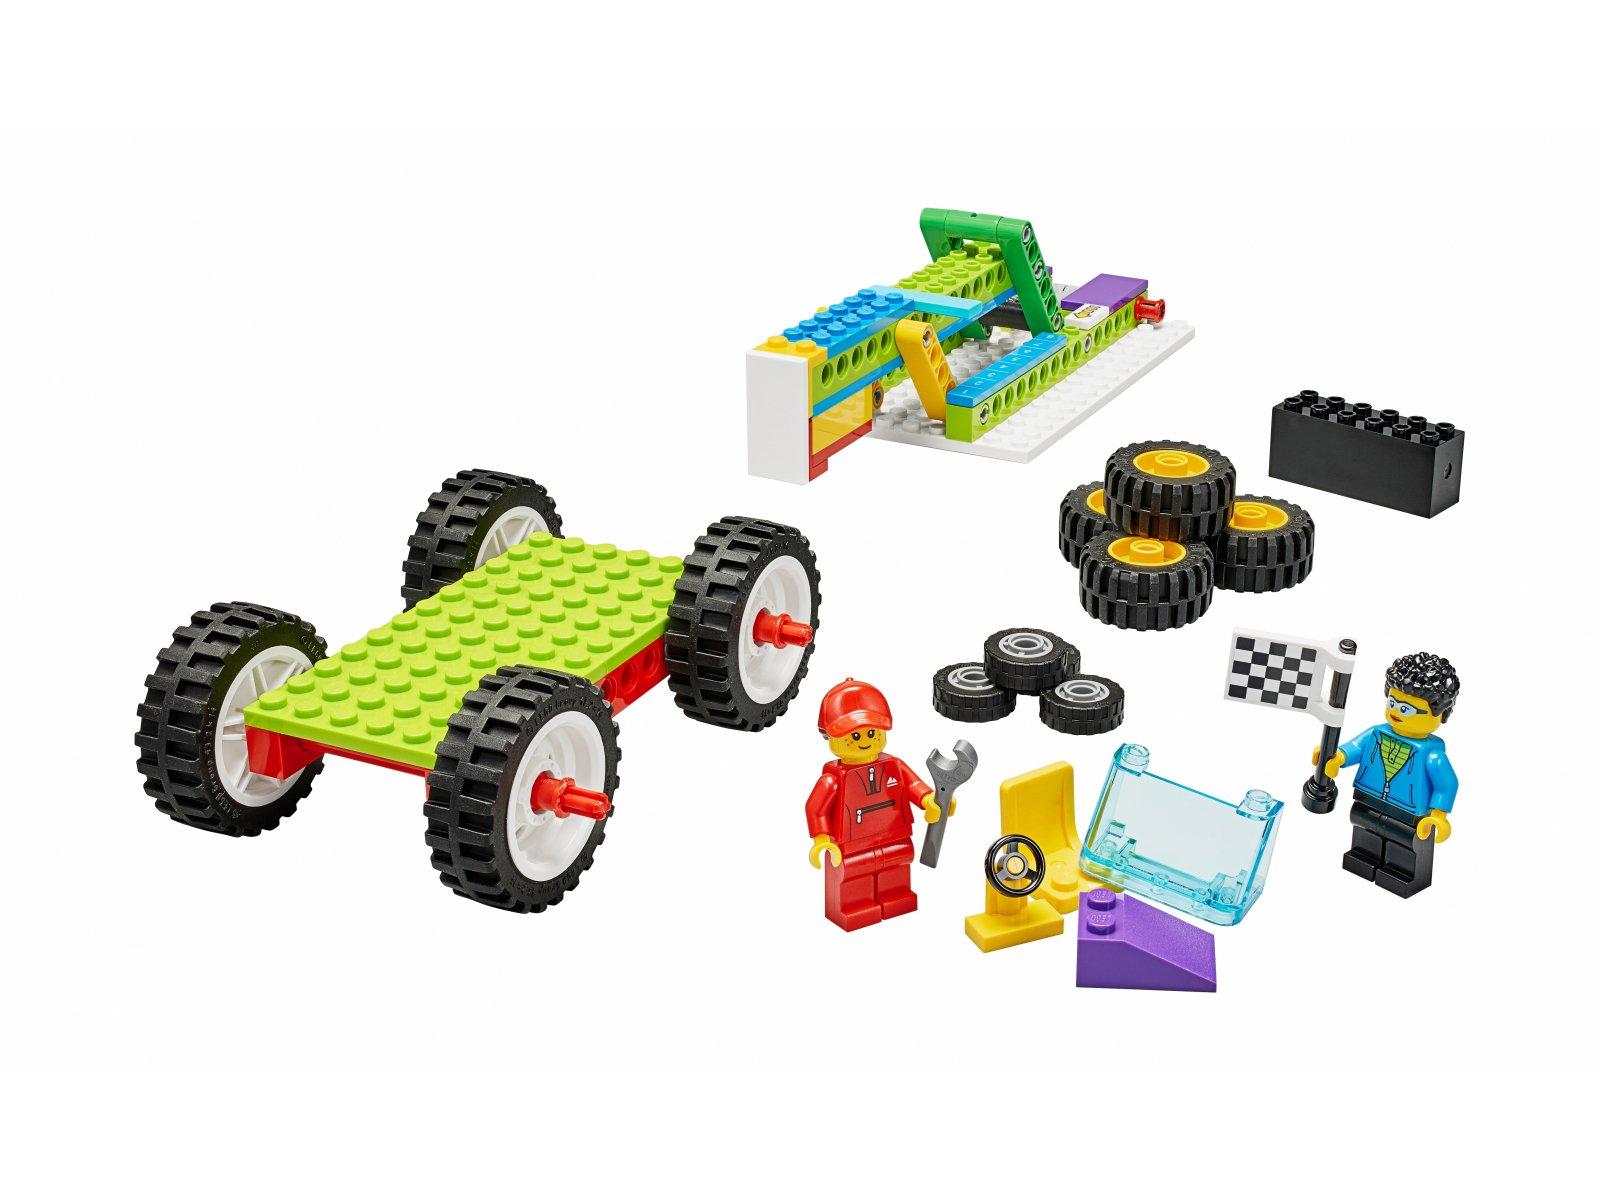 LEGO 45401 Education BricQ Motion Essential